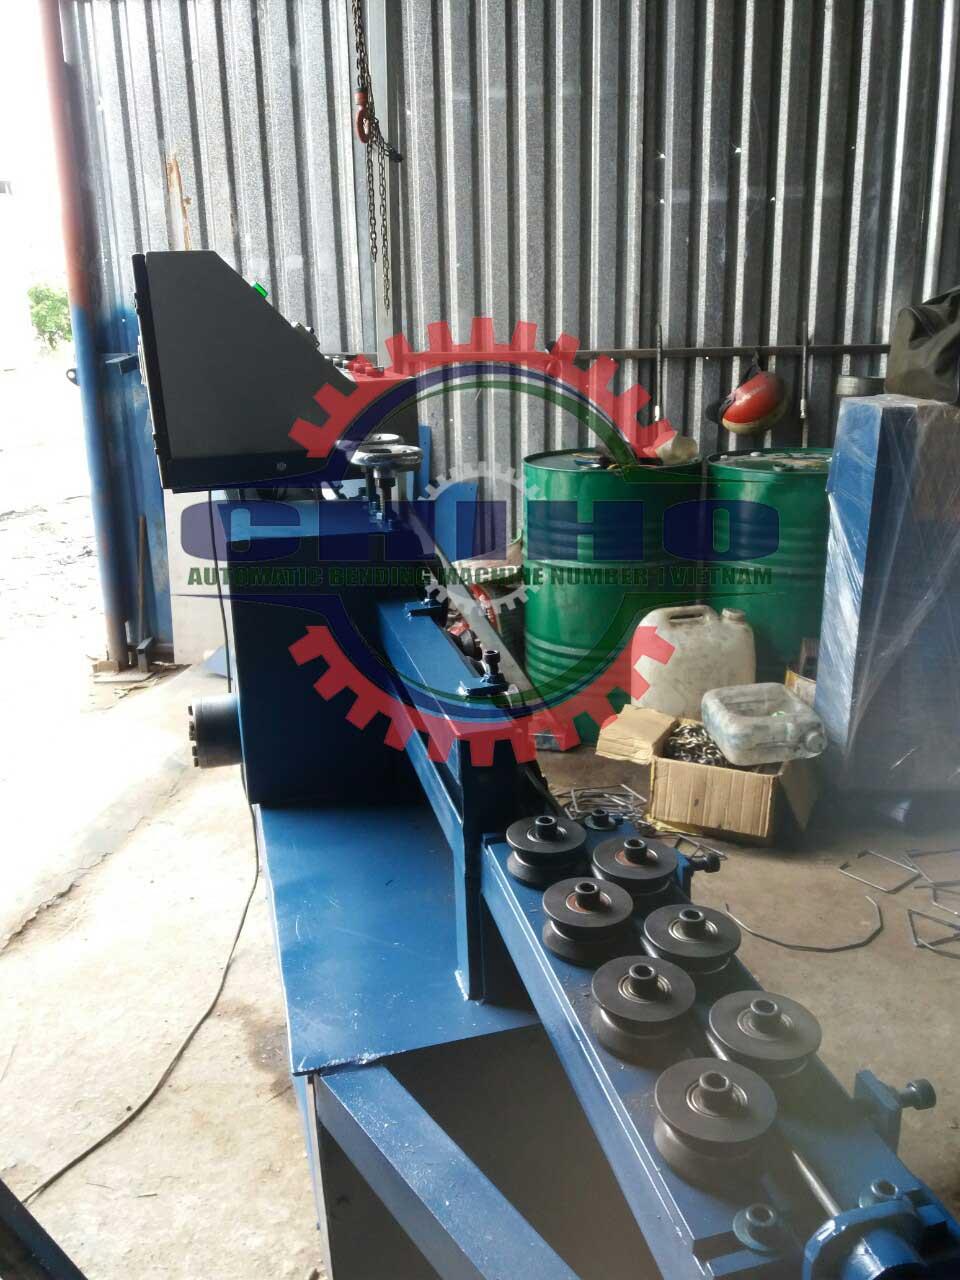 Các dòng máy máy bẻ đai sắt của công ty Chí Hướng (Chiho)